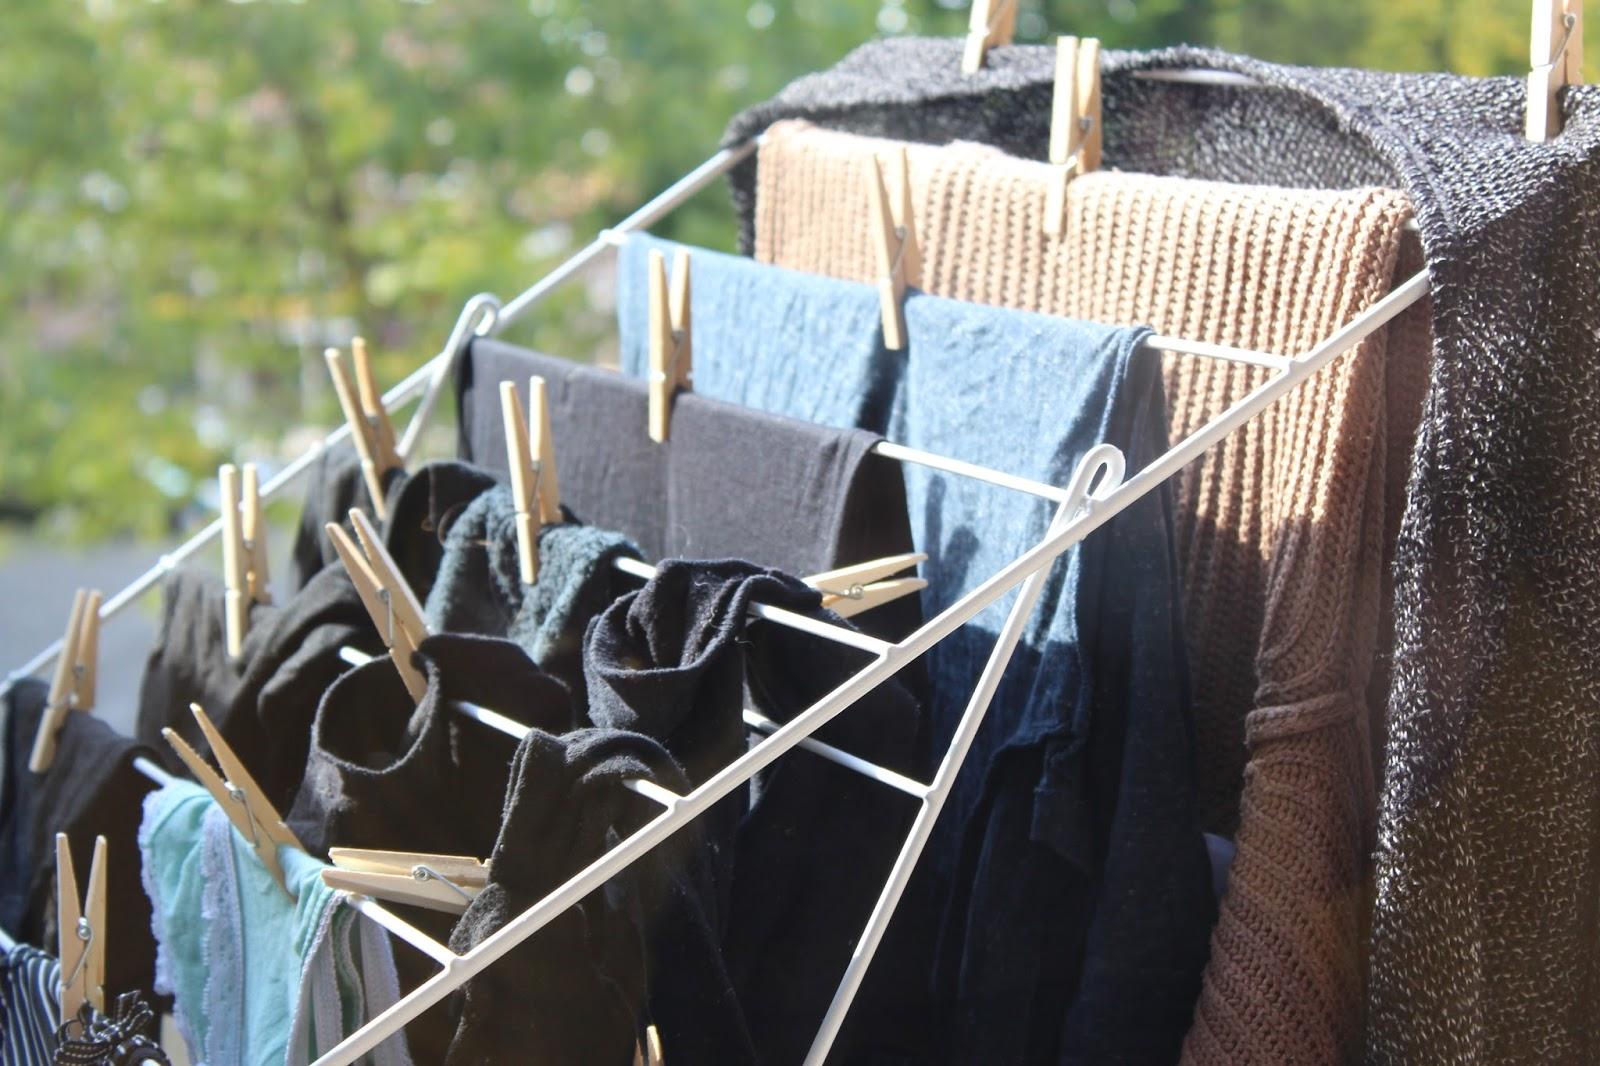 Capsule wardrobe update: nog net niet minimalistische kledingkast